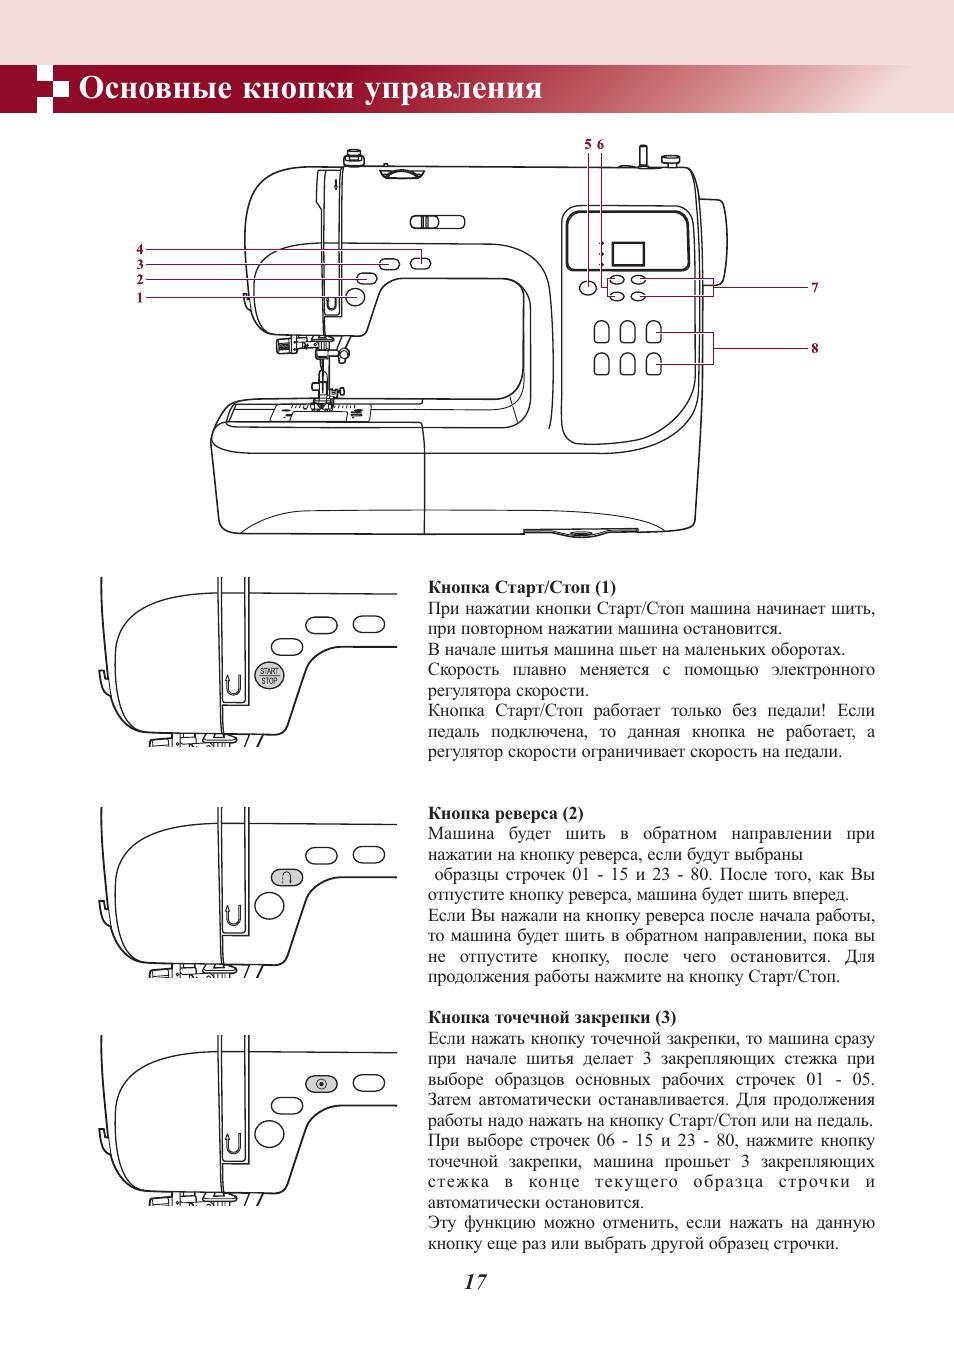 Как сделать ход швейной машины плавным